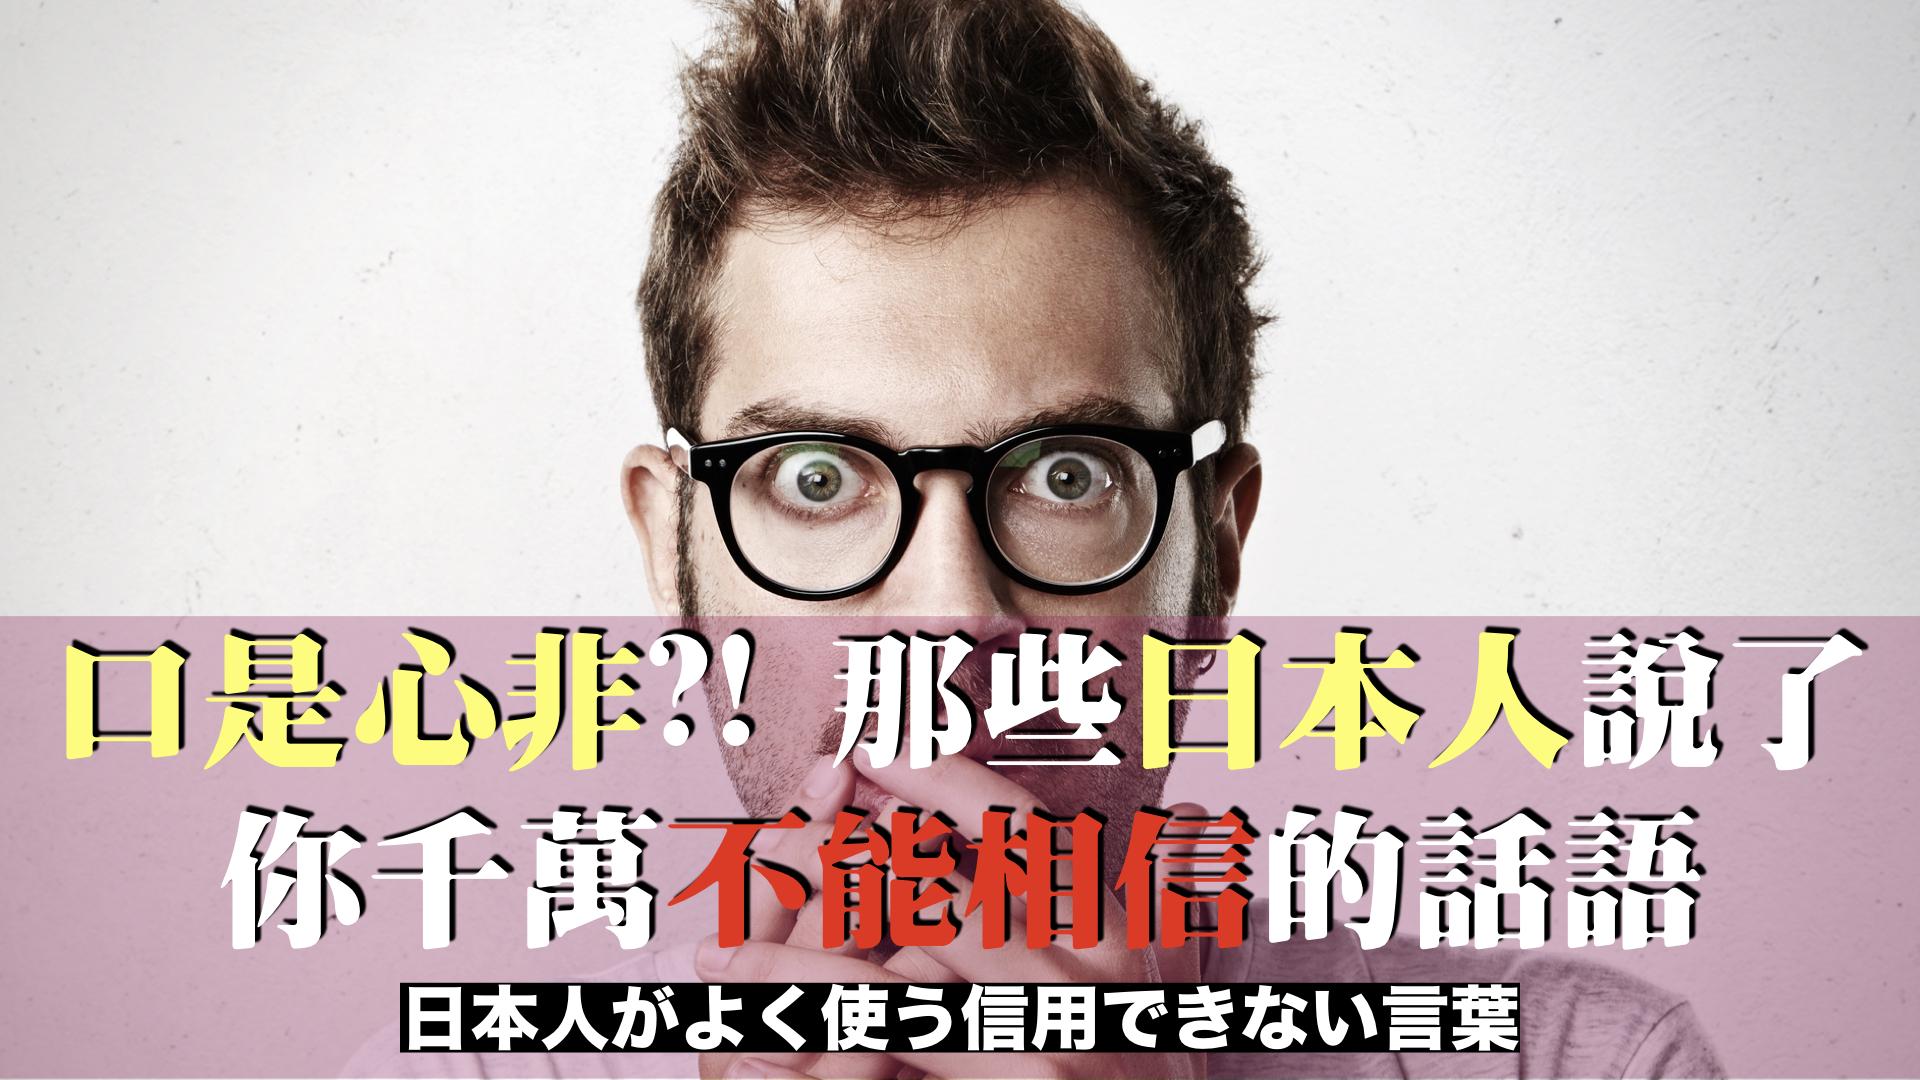 口是心非?! 那些日本人說了你千萬不能相信的話語/日本人がよく使う信用できない言葉